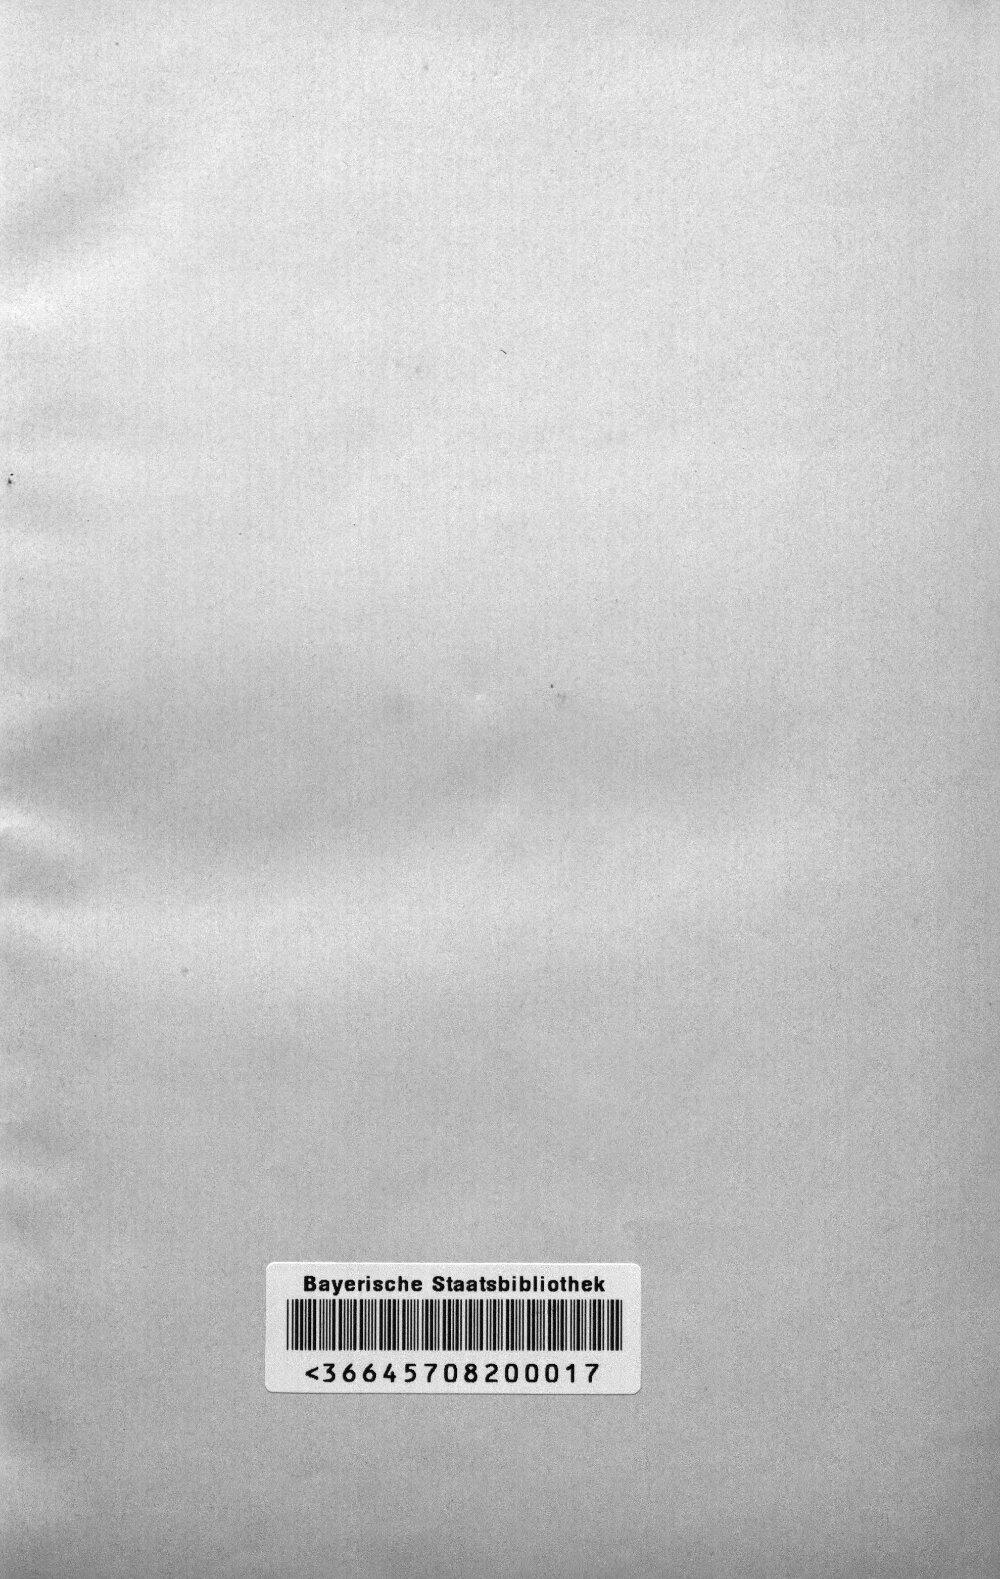 bsb00076443_00005.jpg